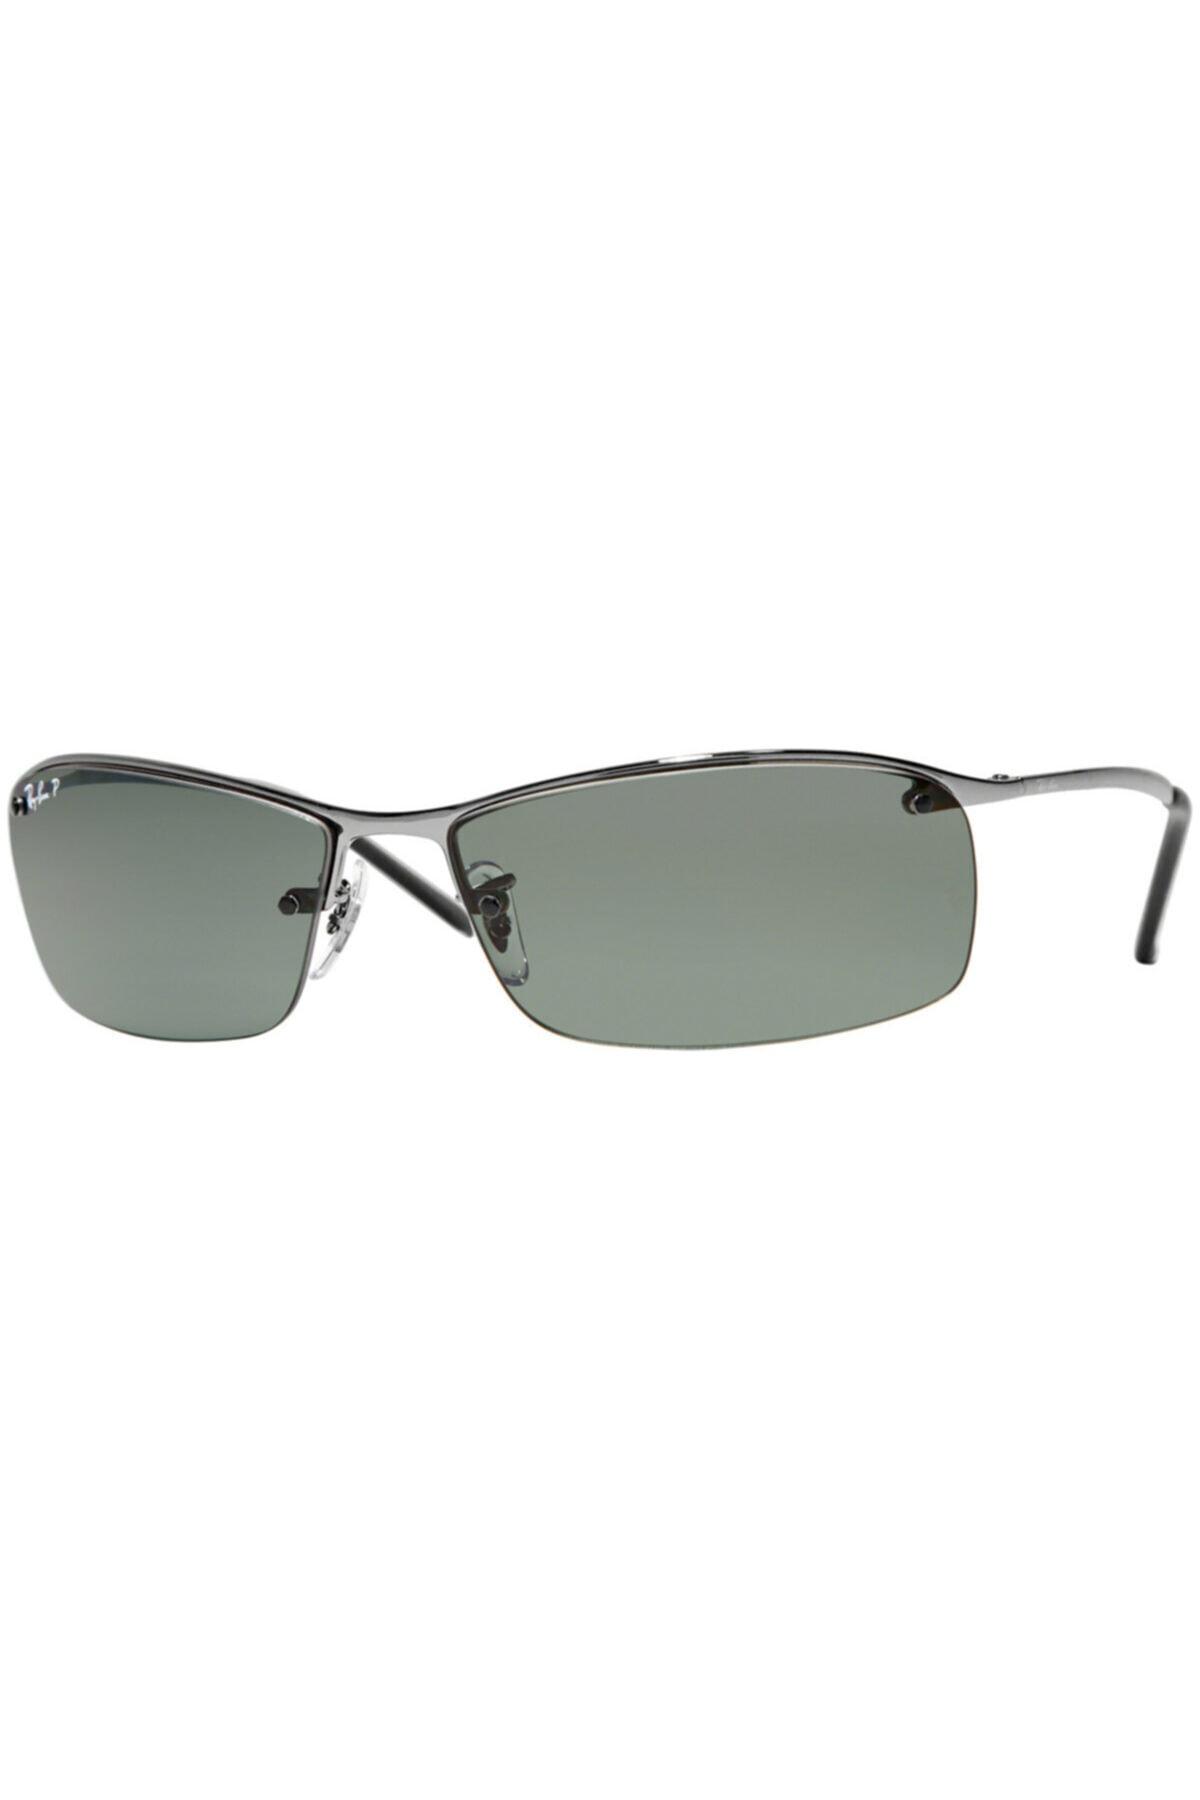 خرید اینترنتی عینک آفتابی خاص اسپرت برند ری بن رنگ سبز کد ty74479985